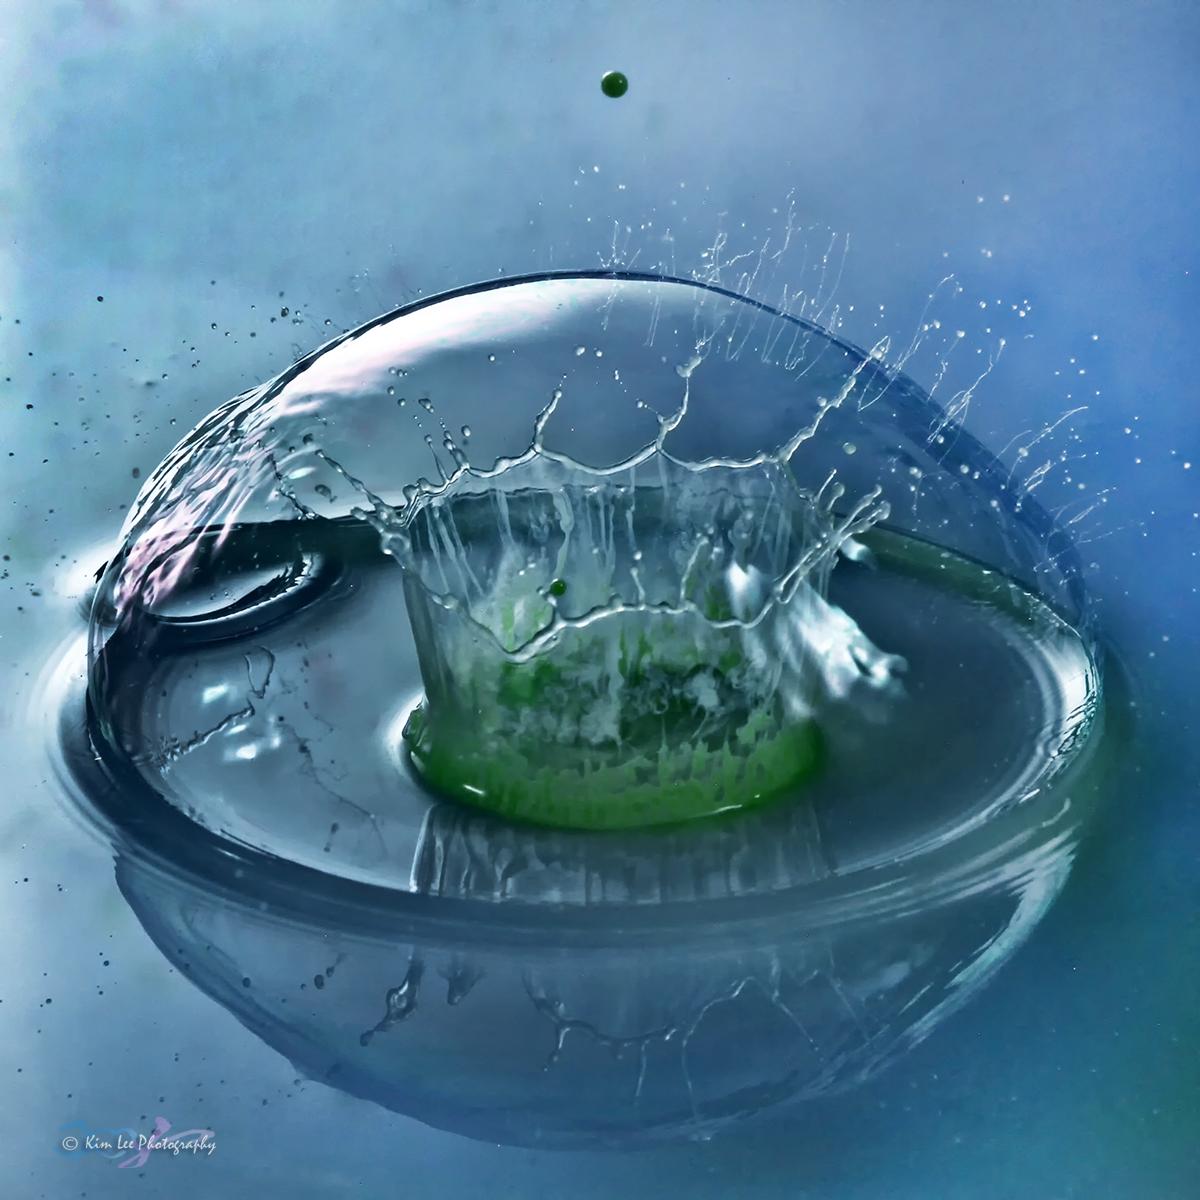 泡泡与水滴的邂逅_图1-24